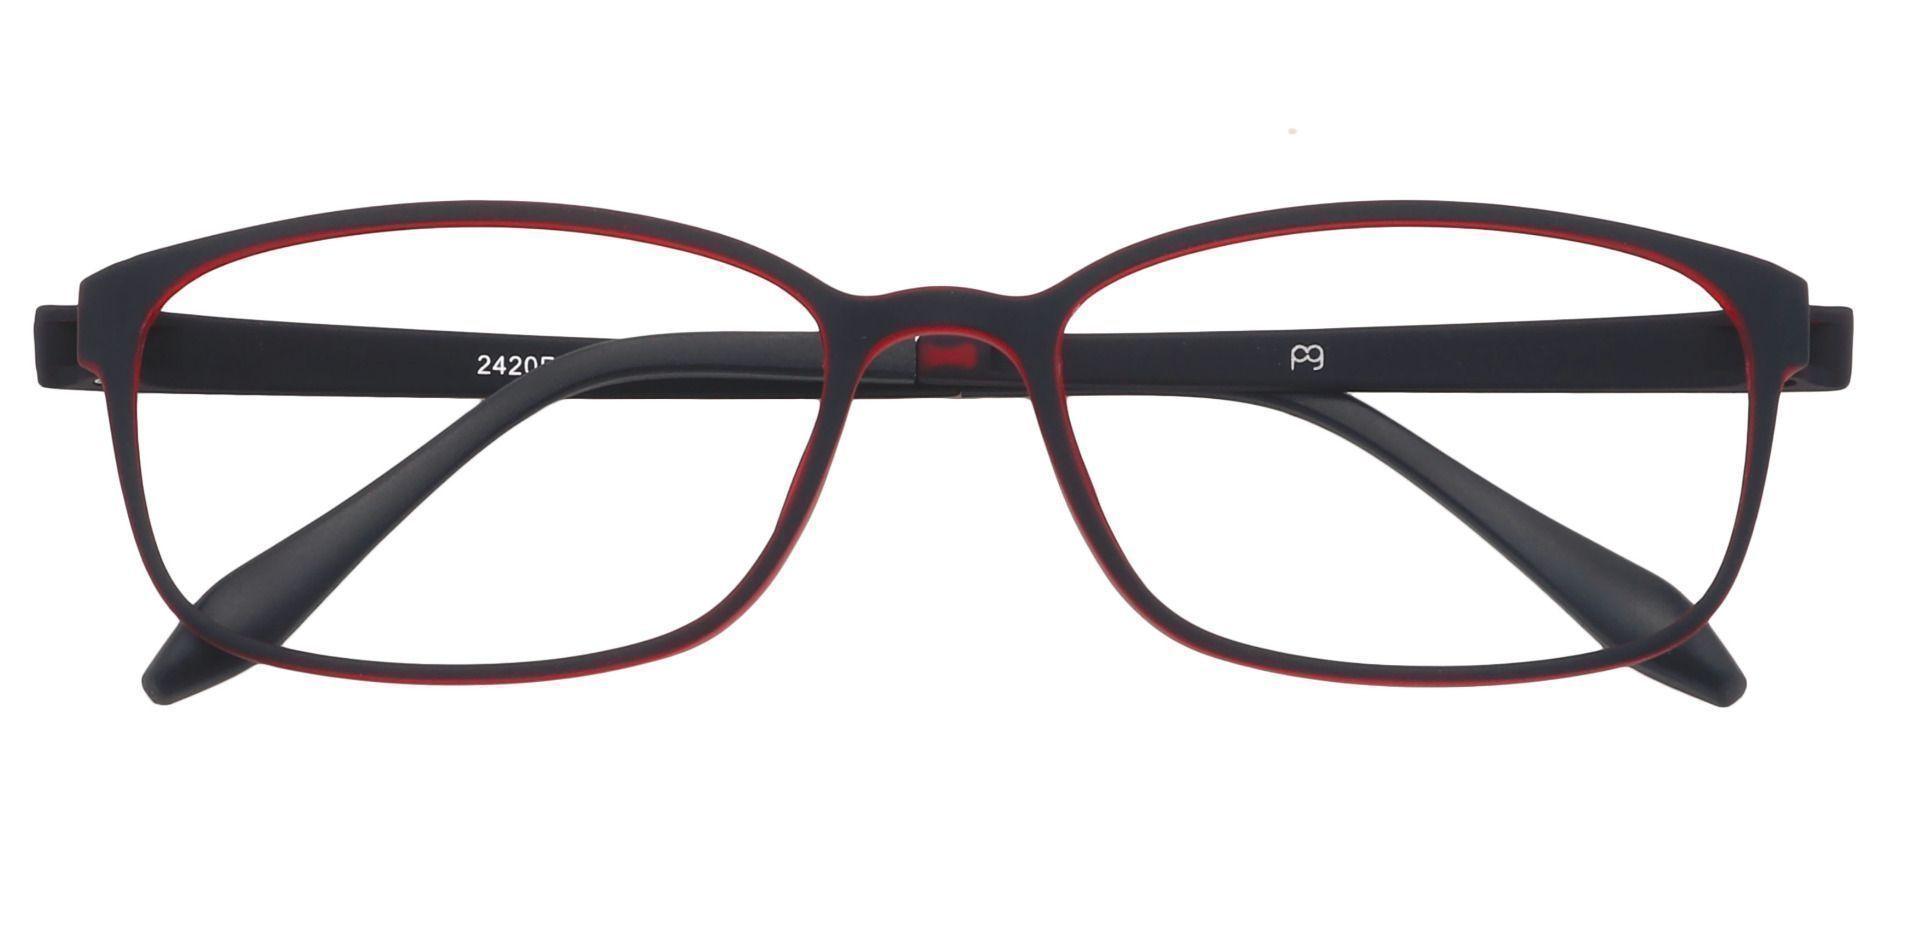 Merlot Rectangle Eyeglasses Frame - Matte Black/red